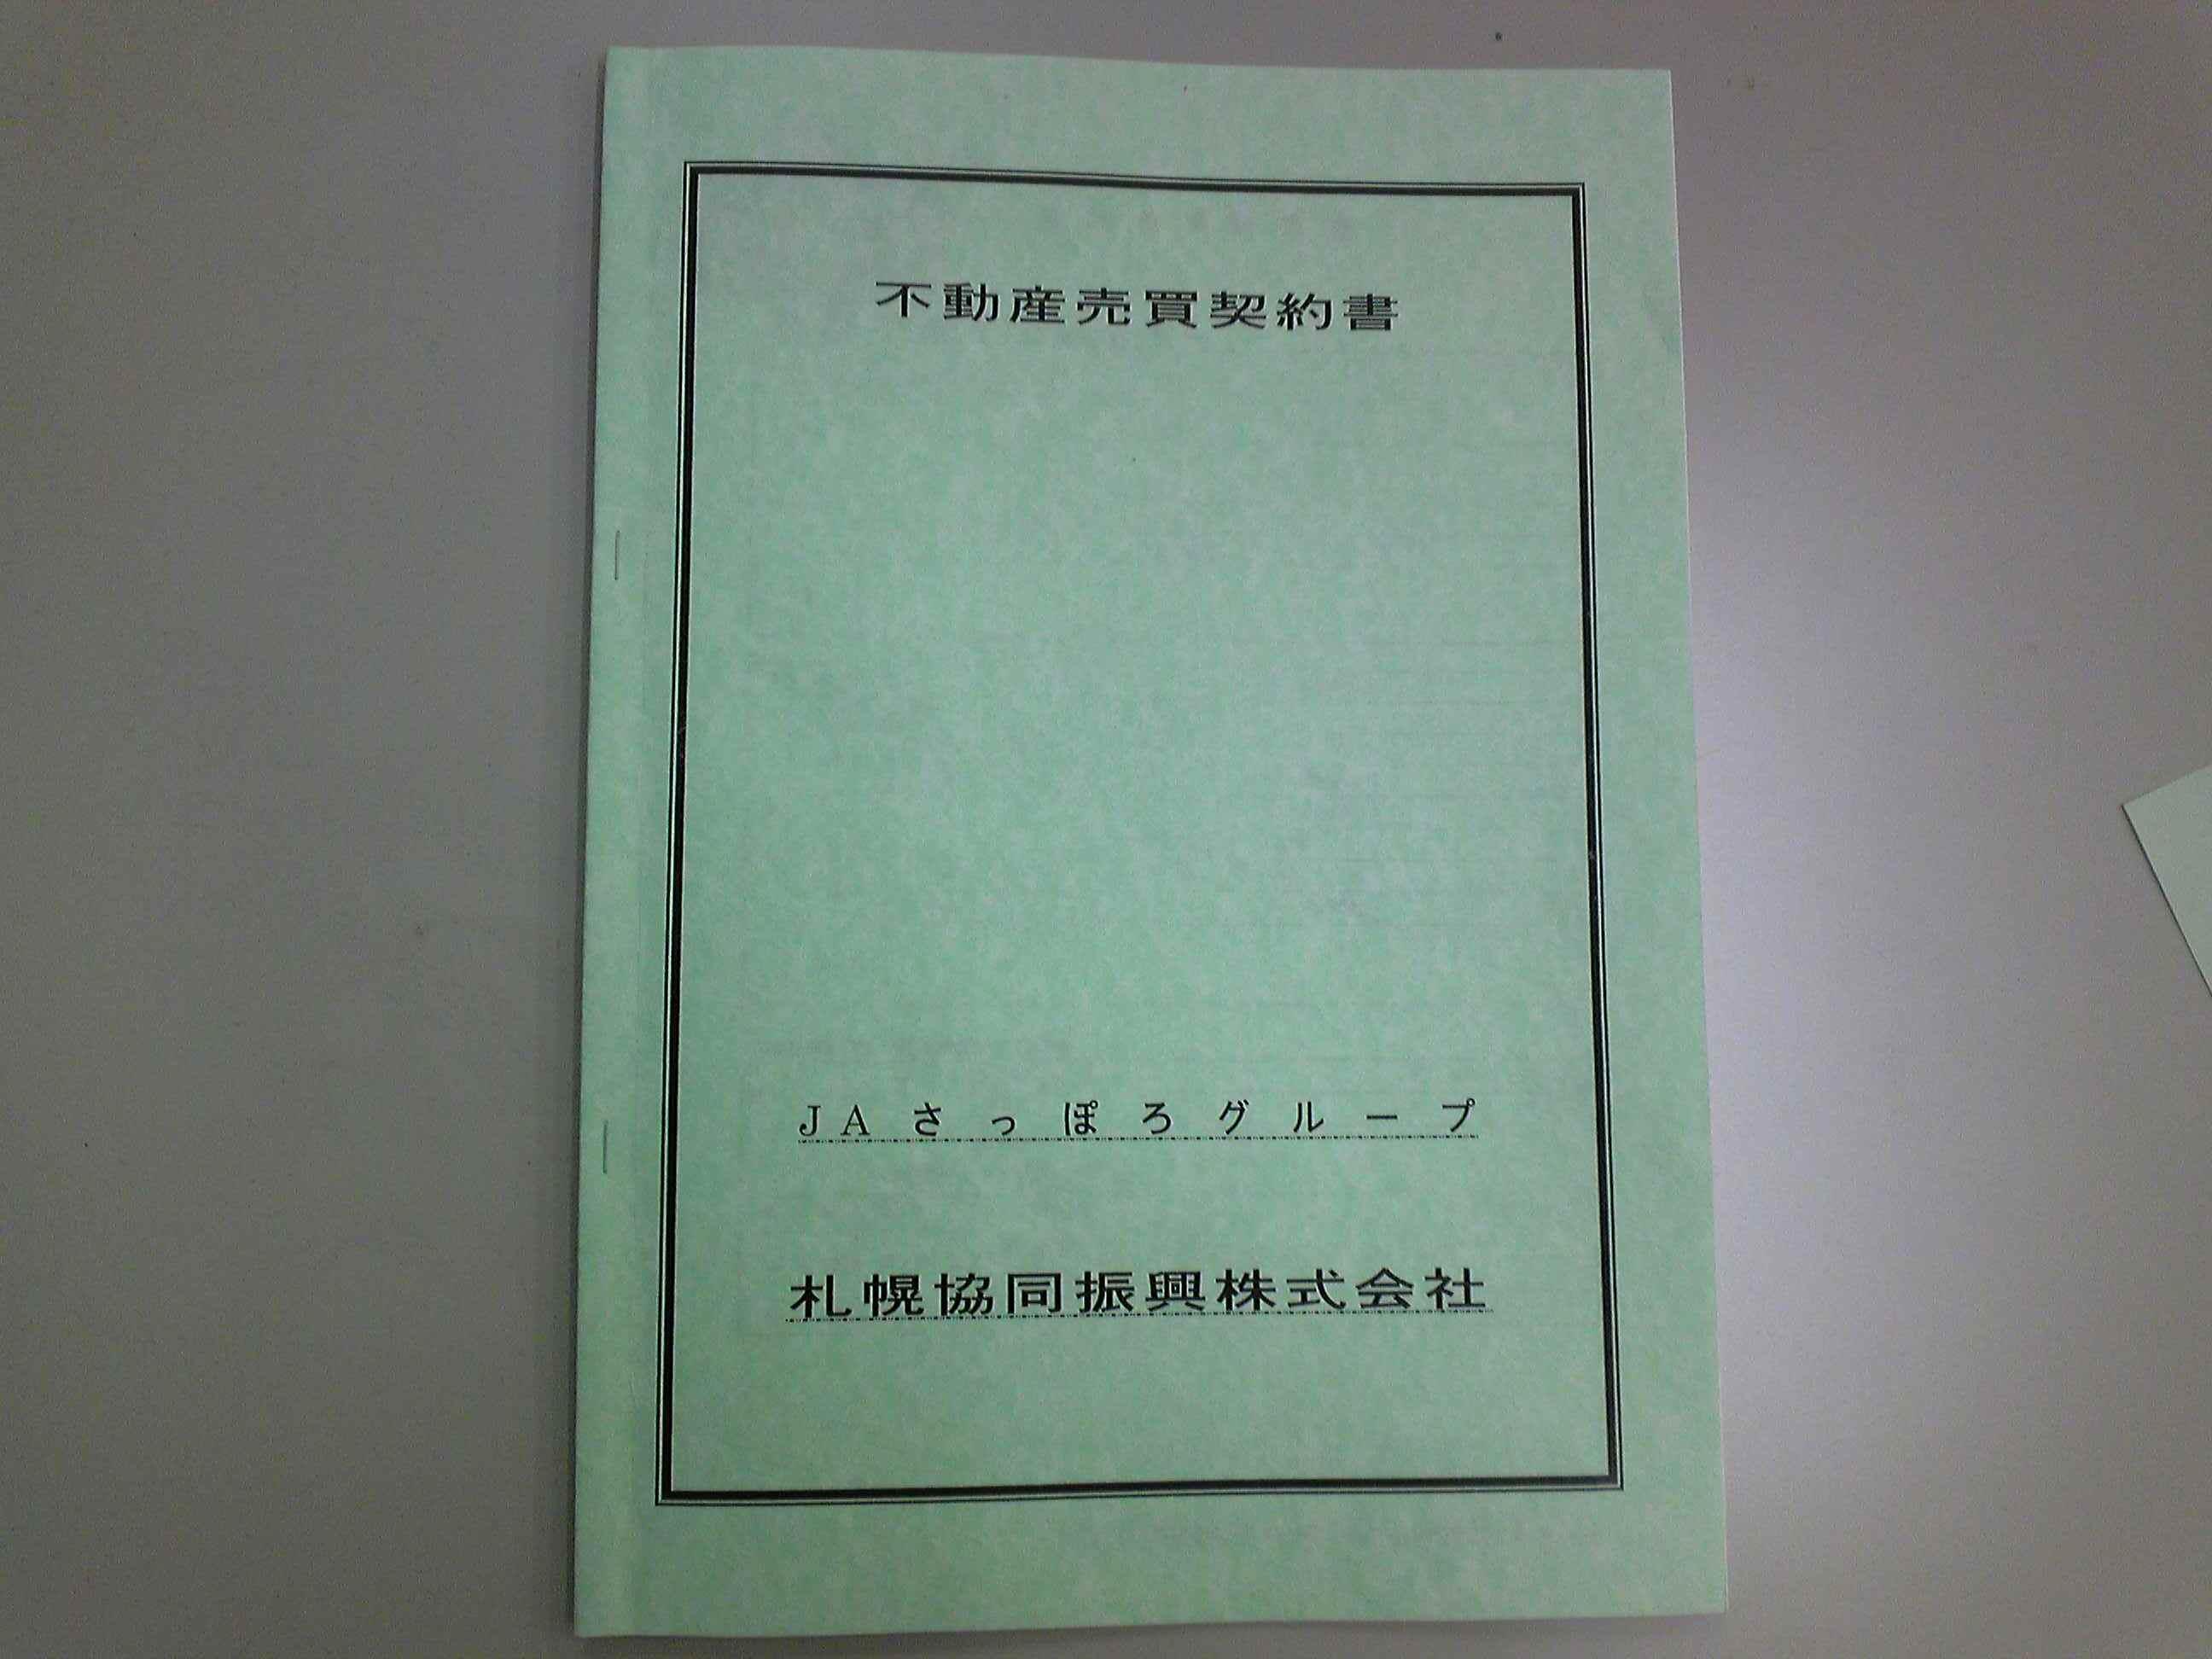 パストラルカーズ白石店(仮称)オープン!_c0161601_0285841.jpg